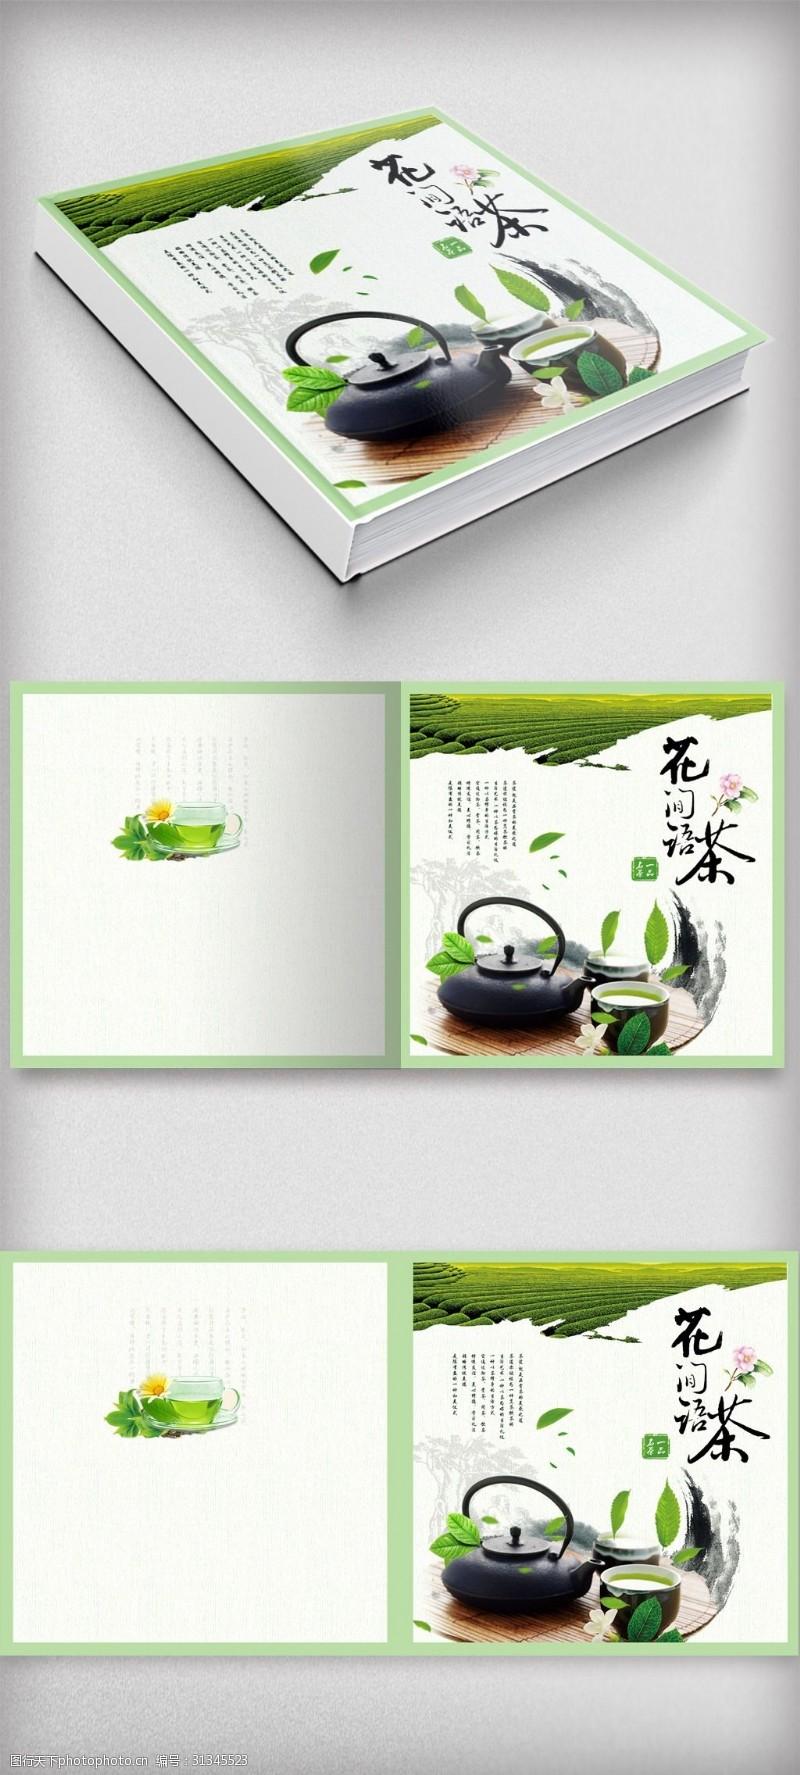 以茶会友简约绿色茶文化茶叶画册封面设计